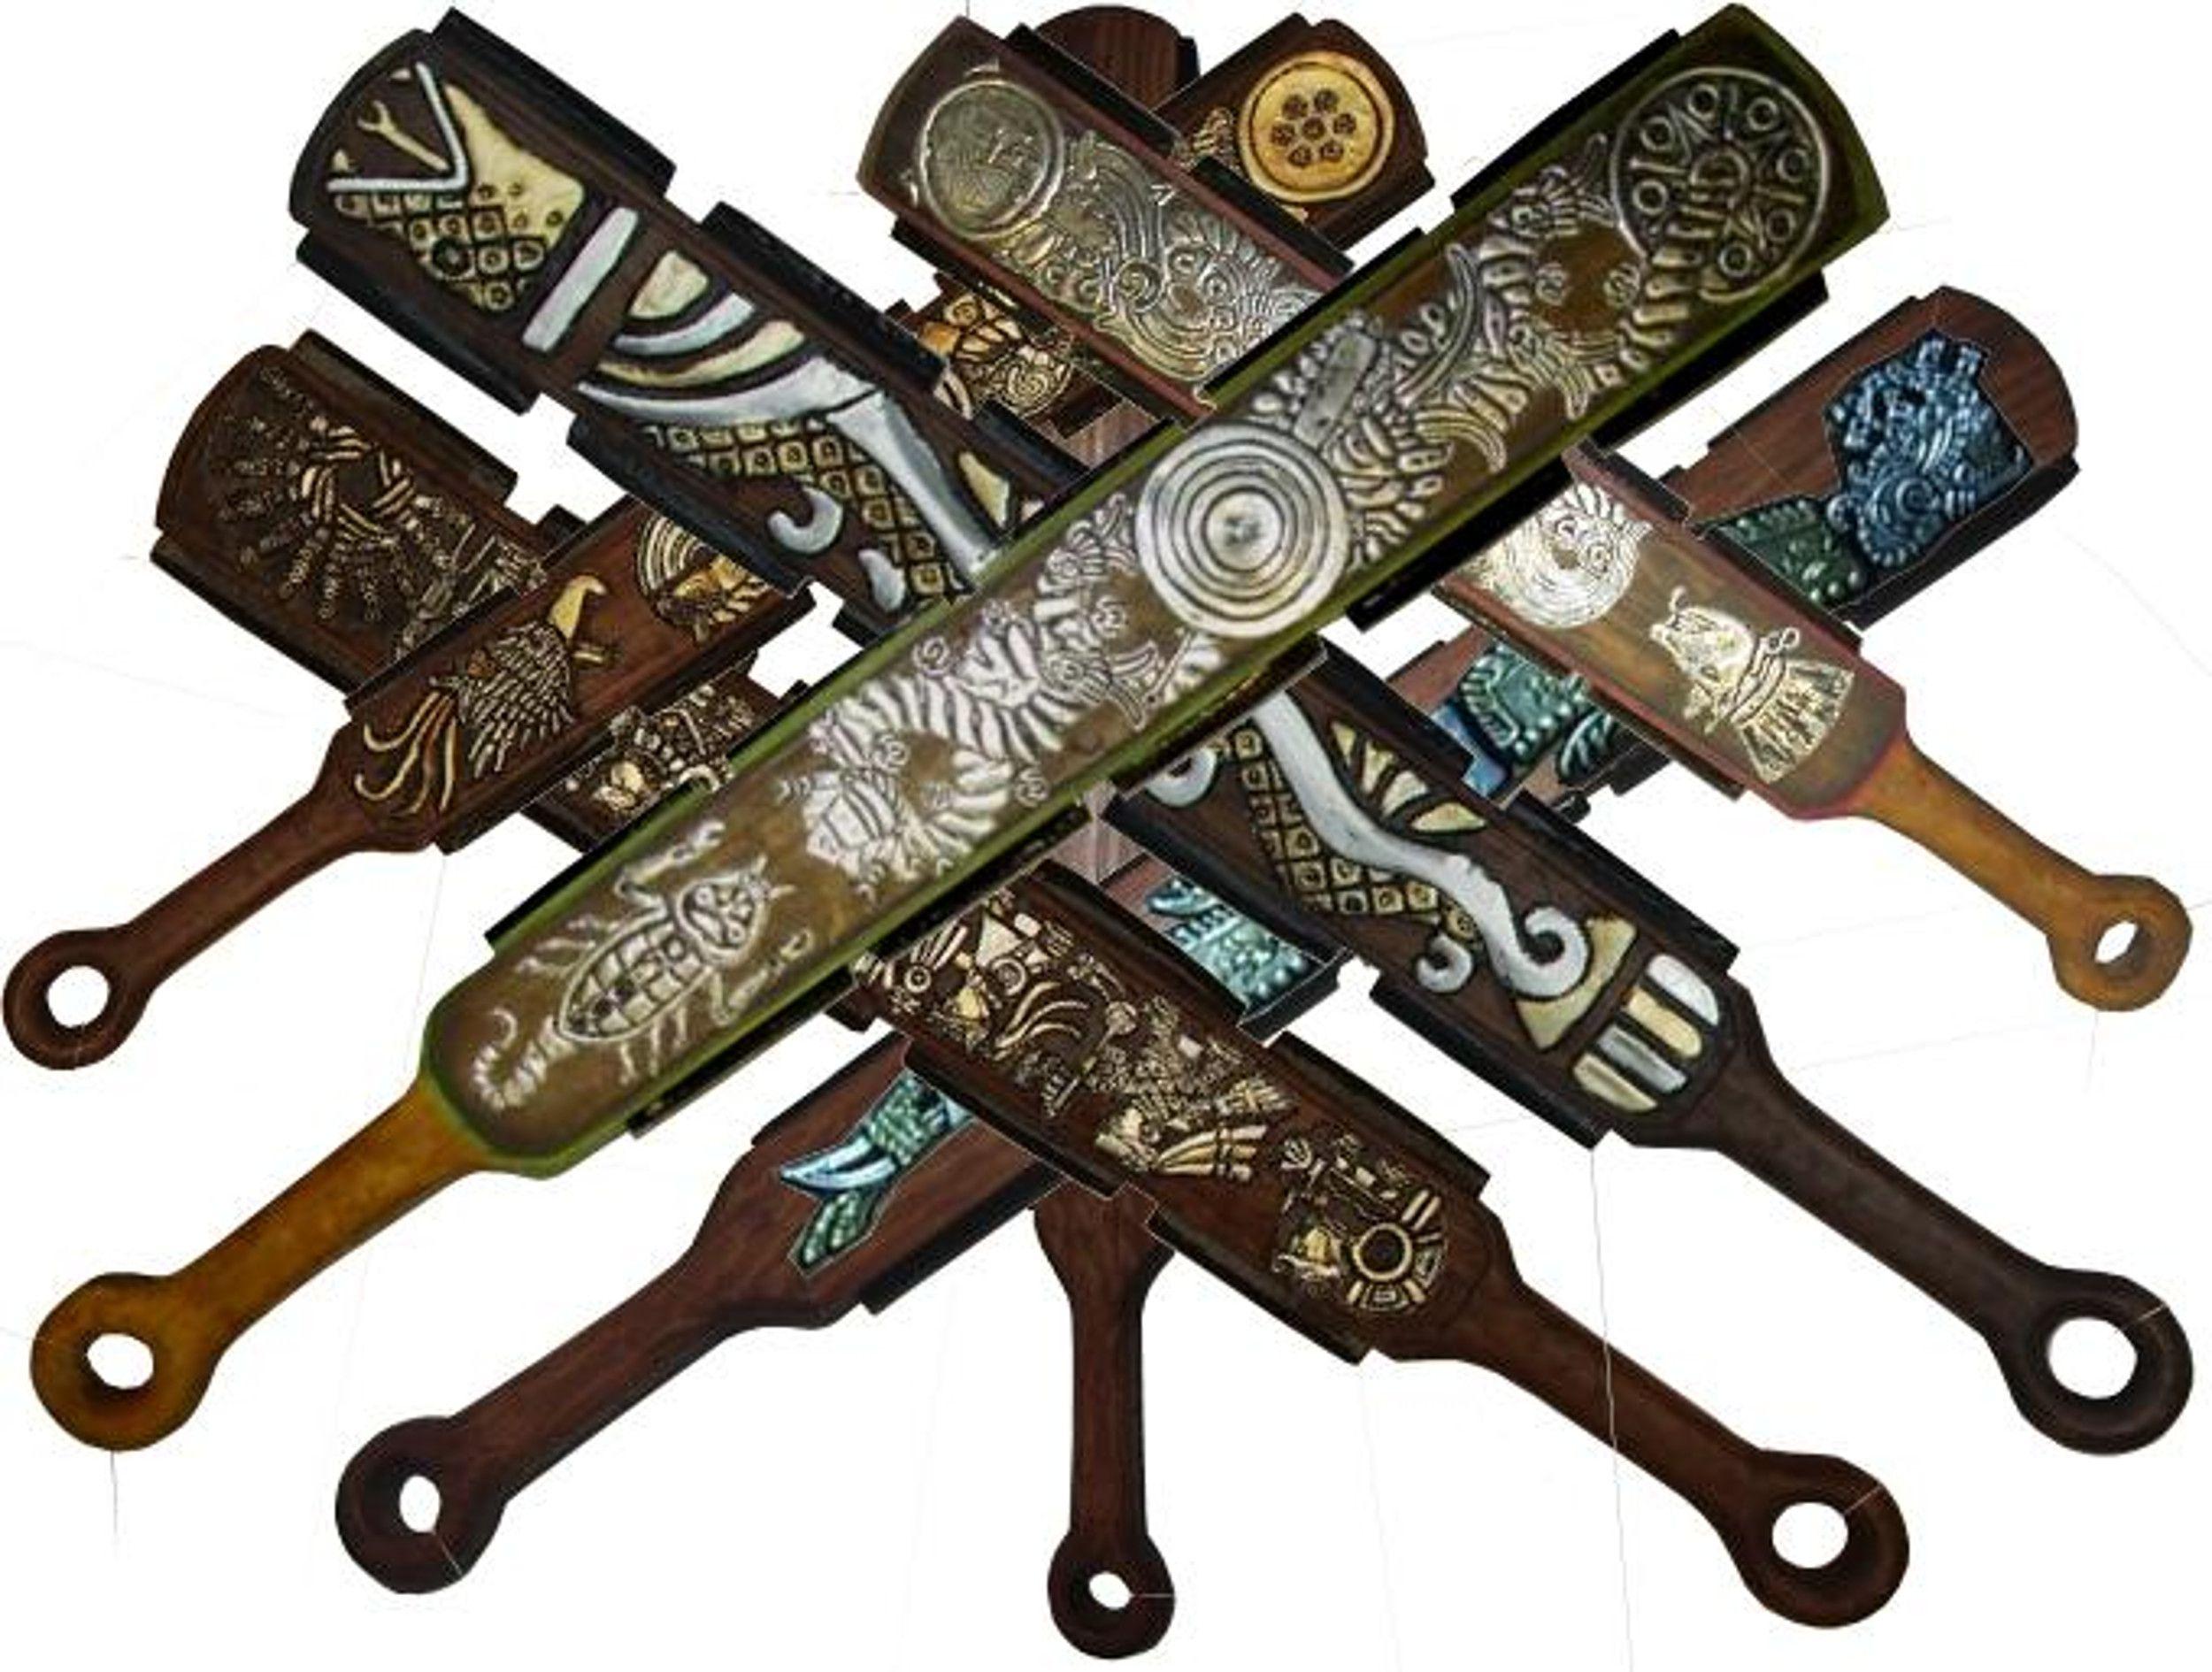 Macuahuitl: The Wooden Sword of Aztec Warriors